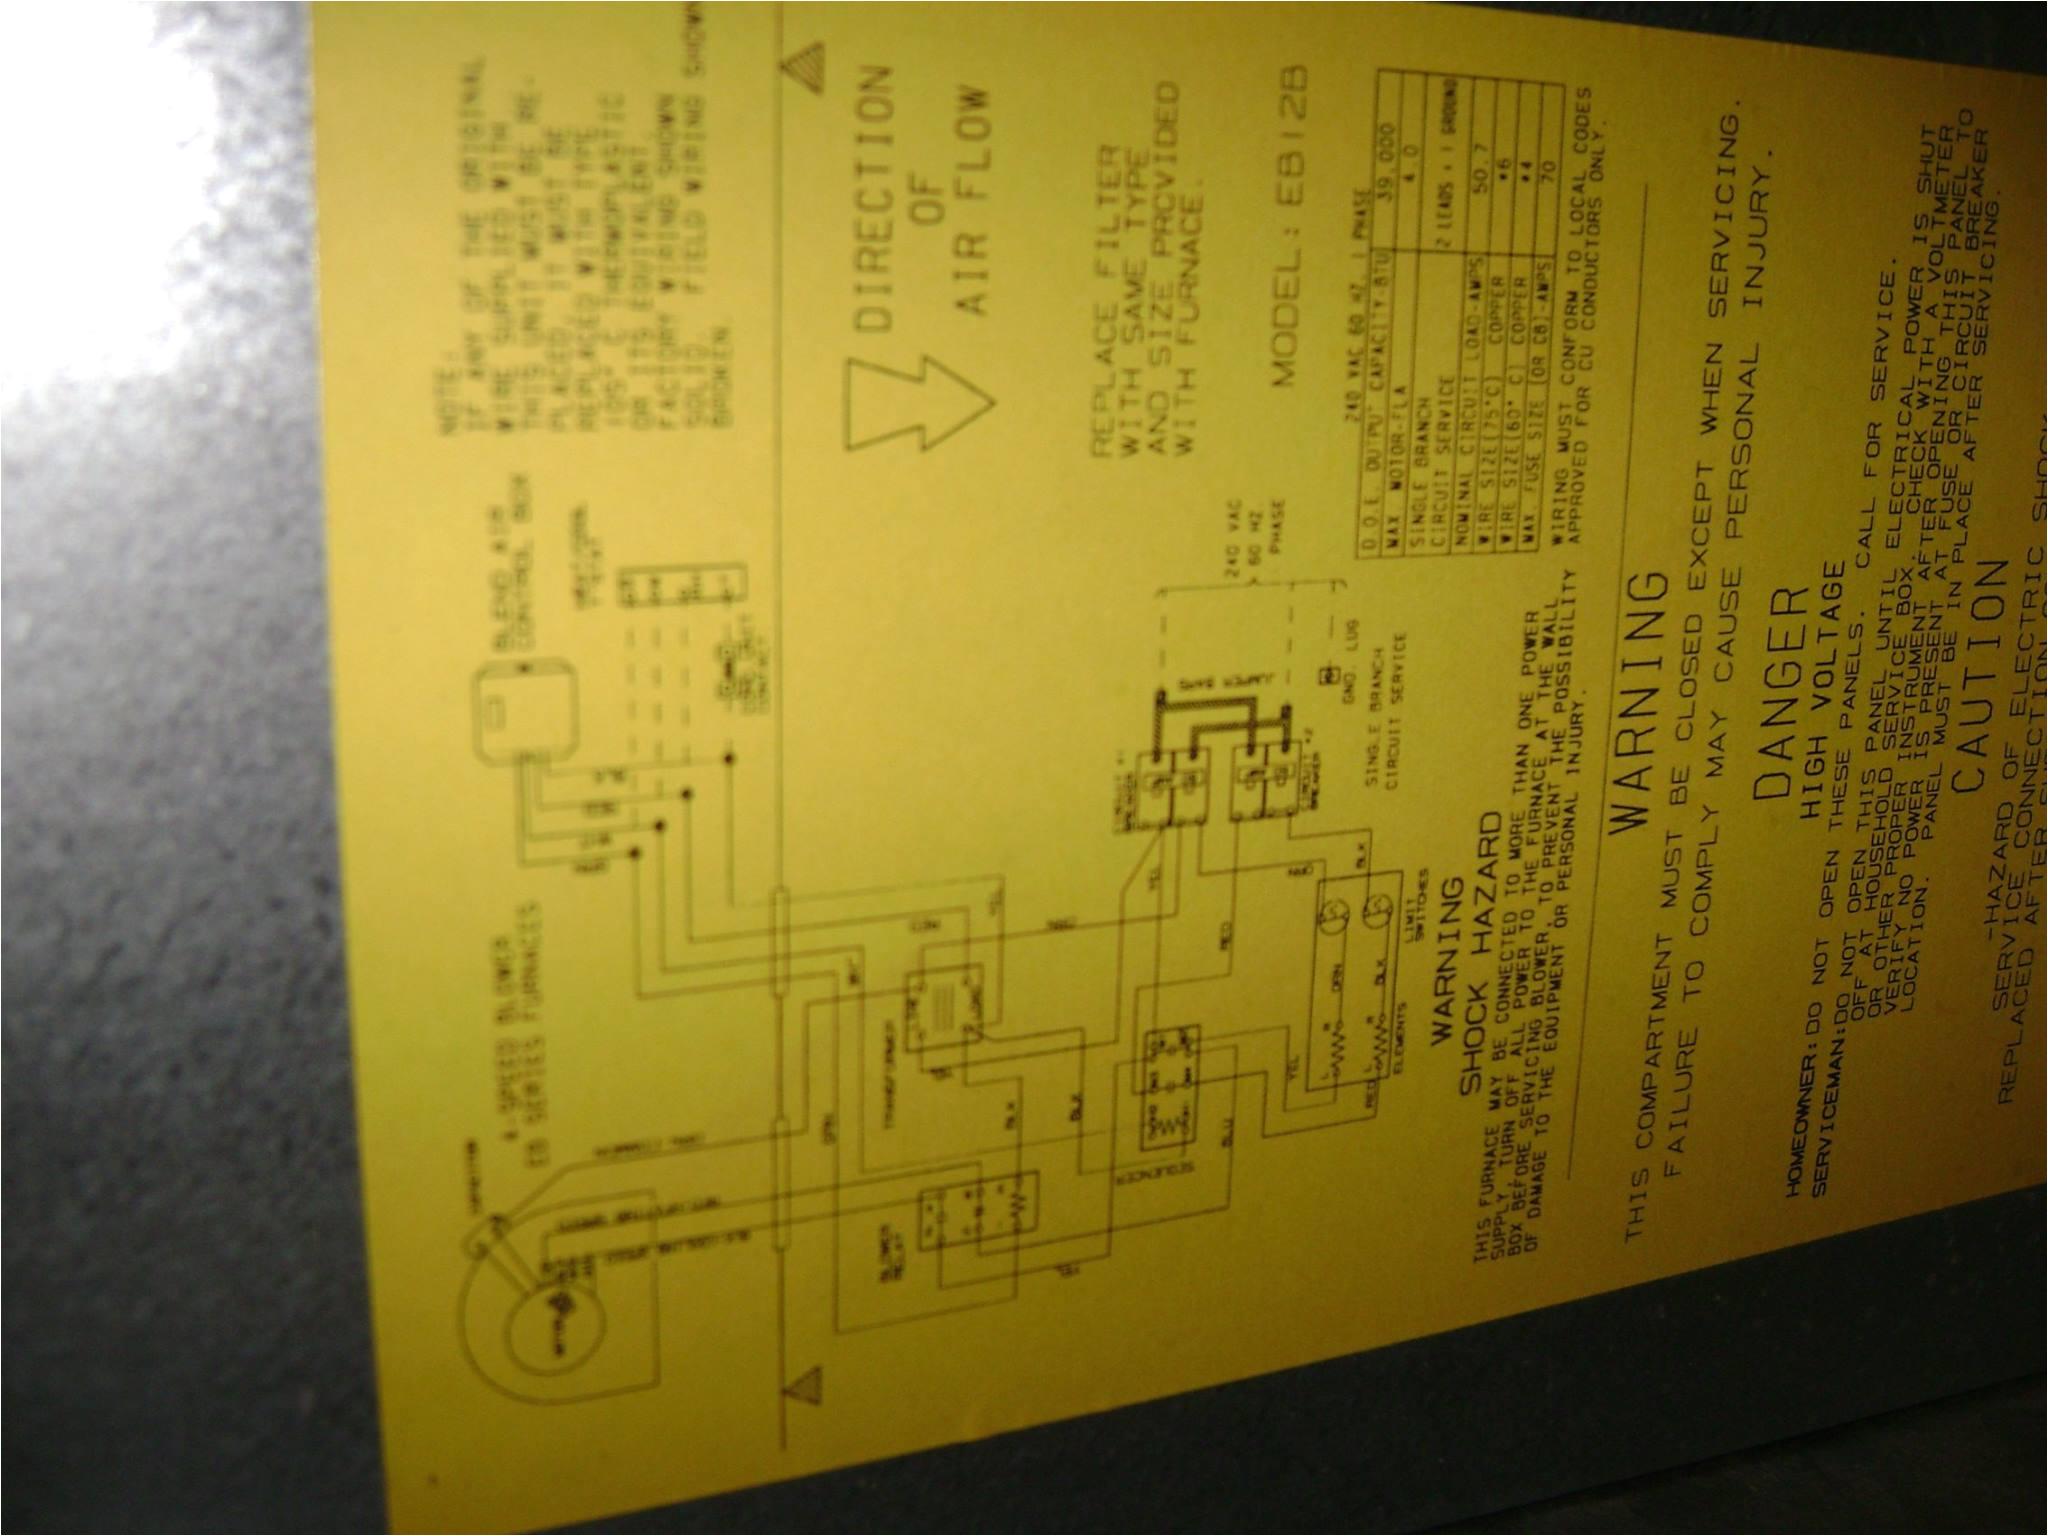 furnace3 jpgfurnace3 jpg